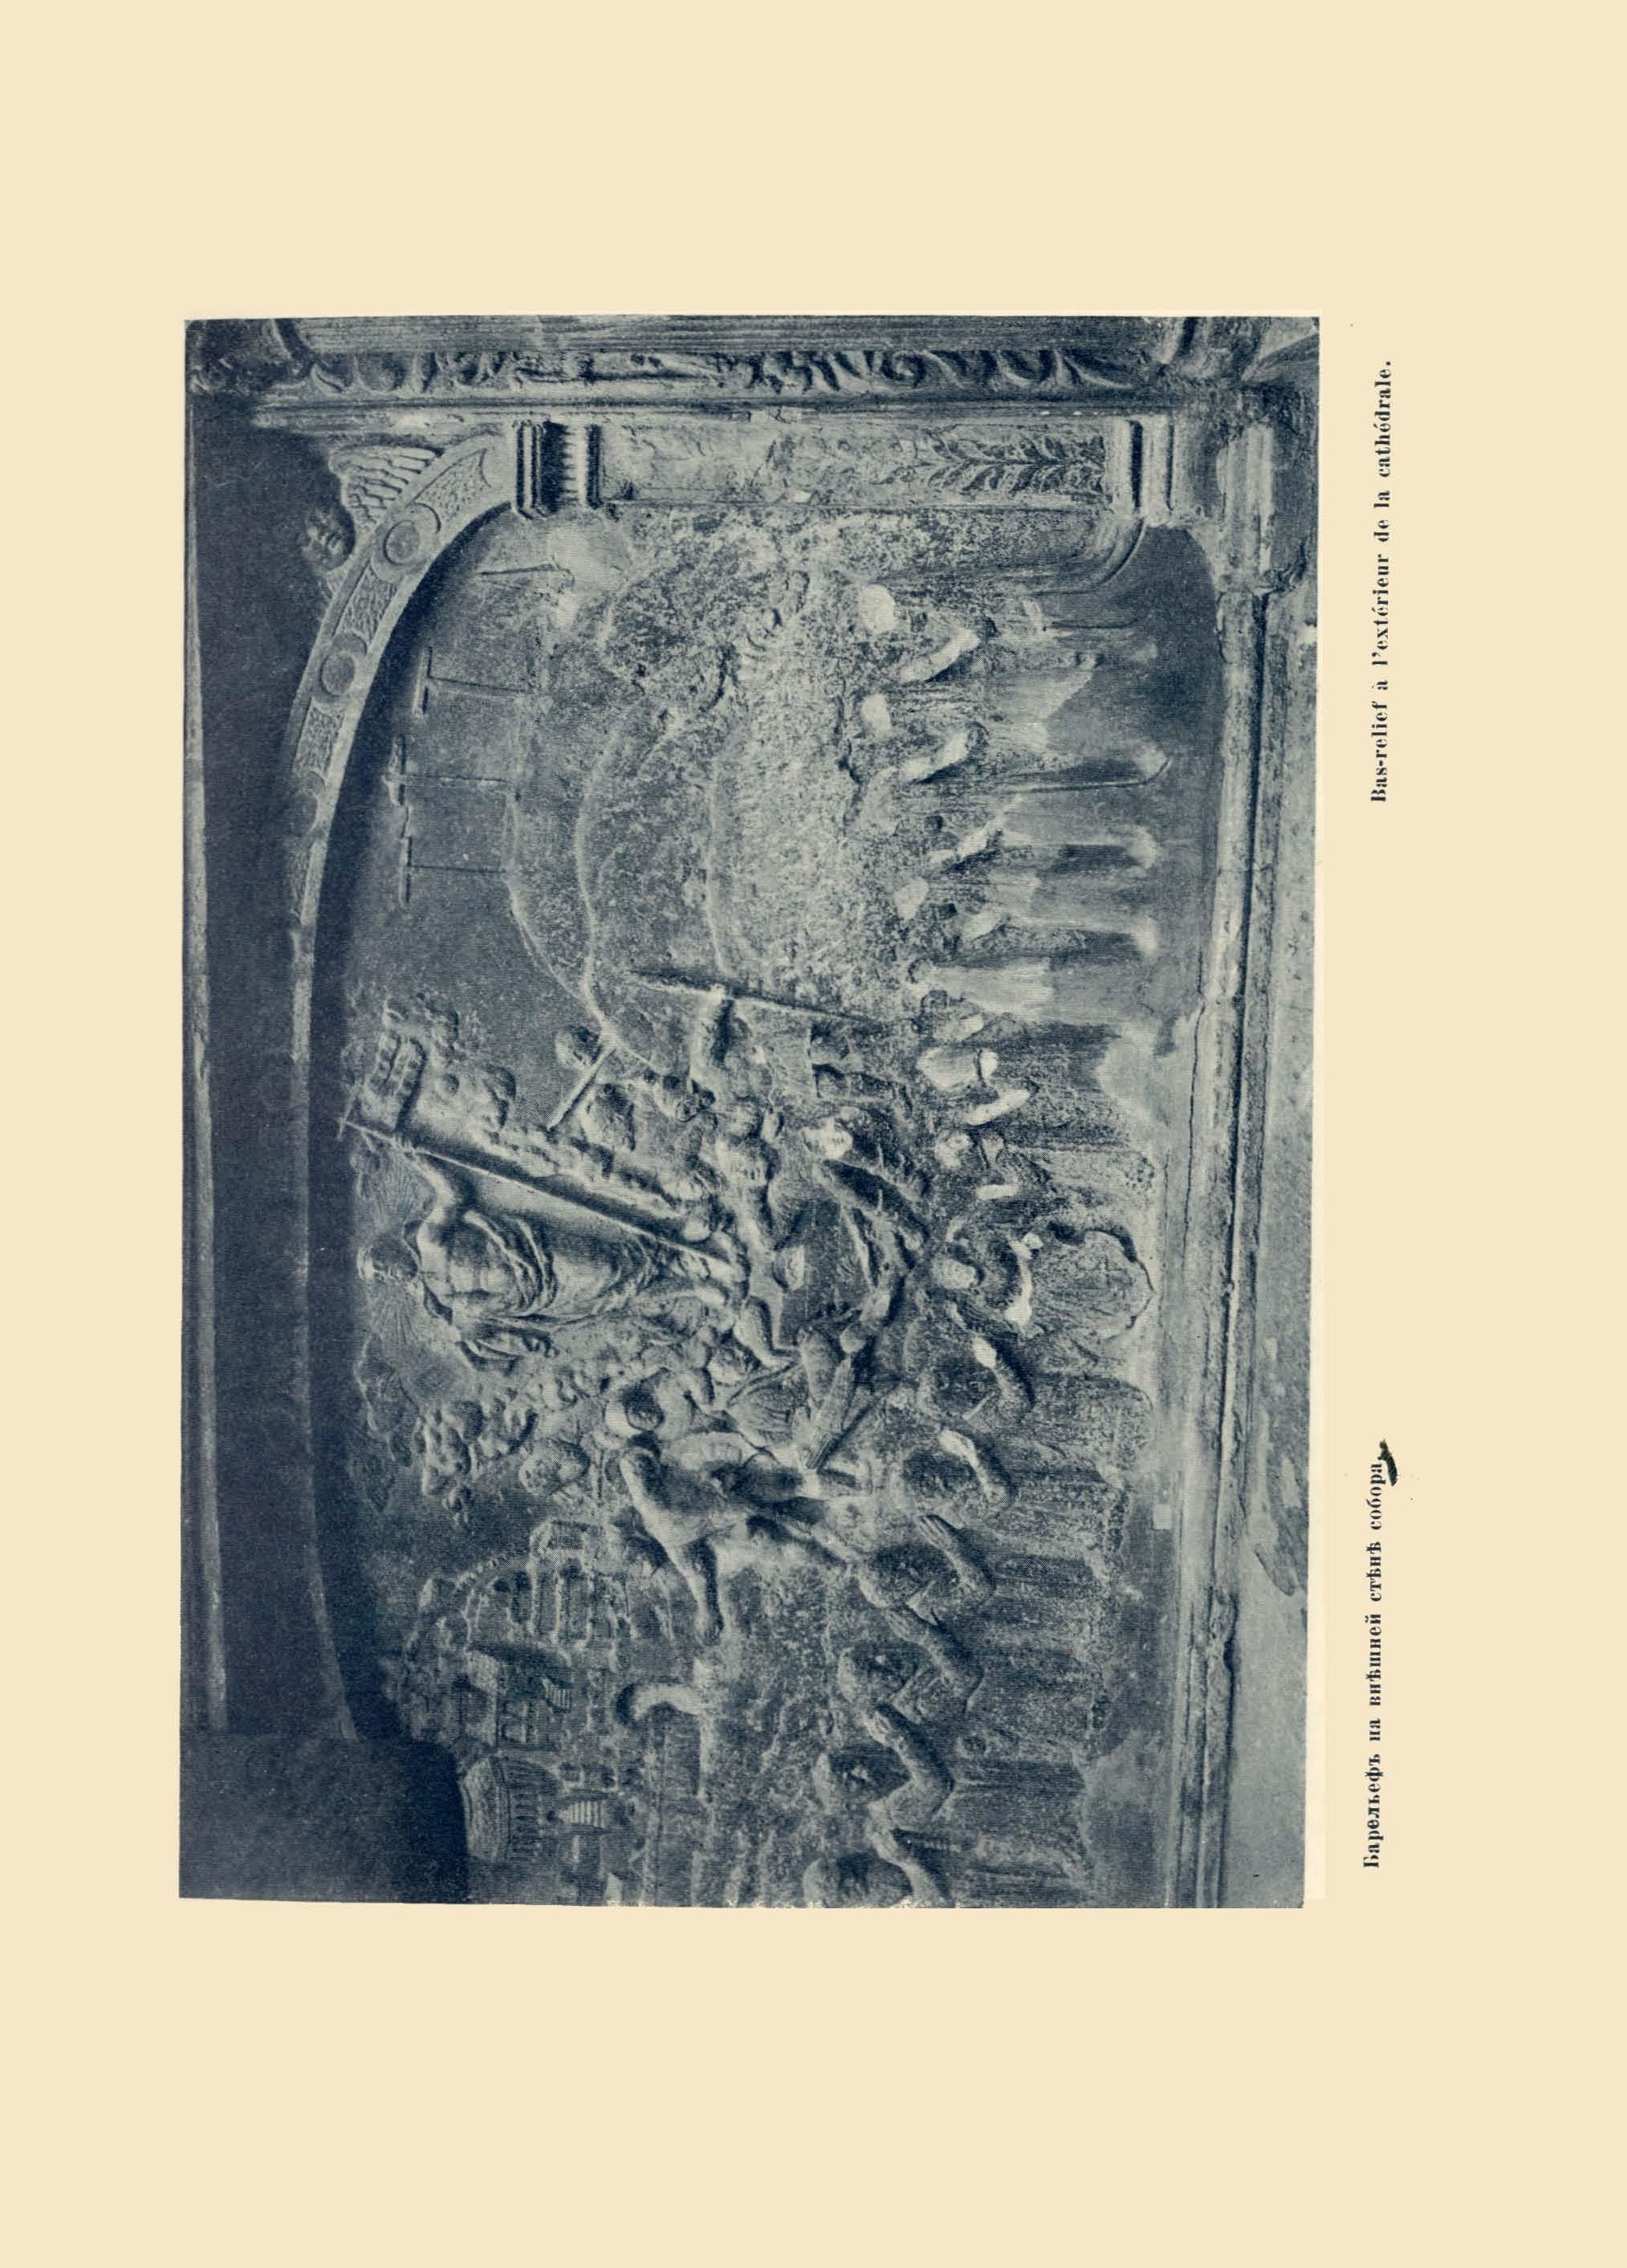 Альбом старого Львова. Верещагин В. 1917_15